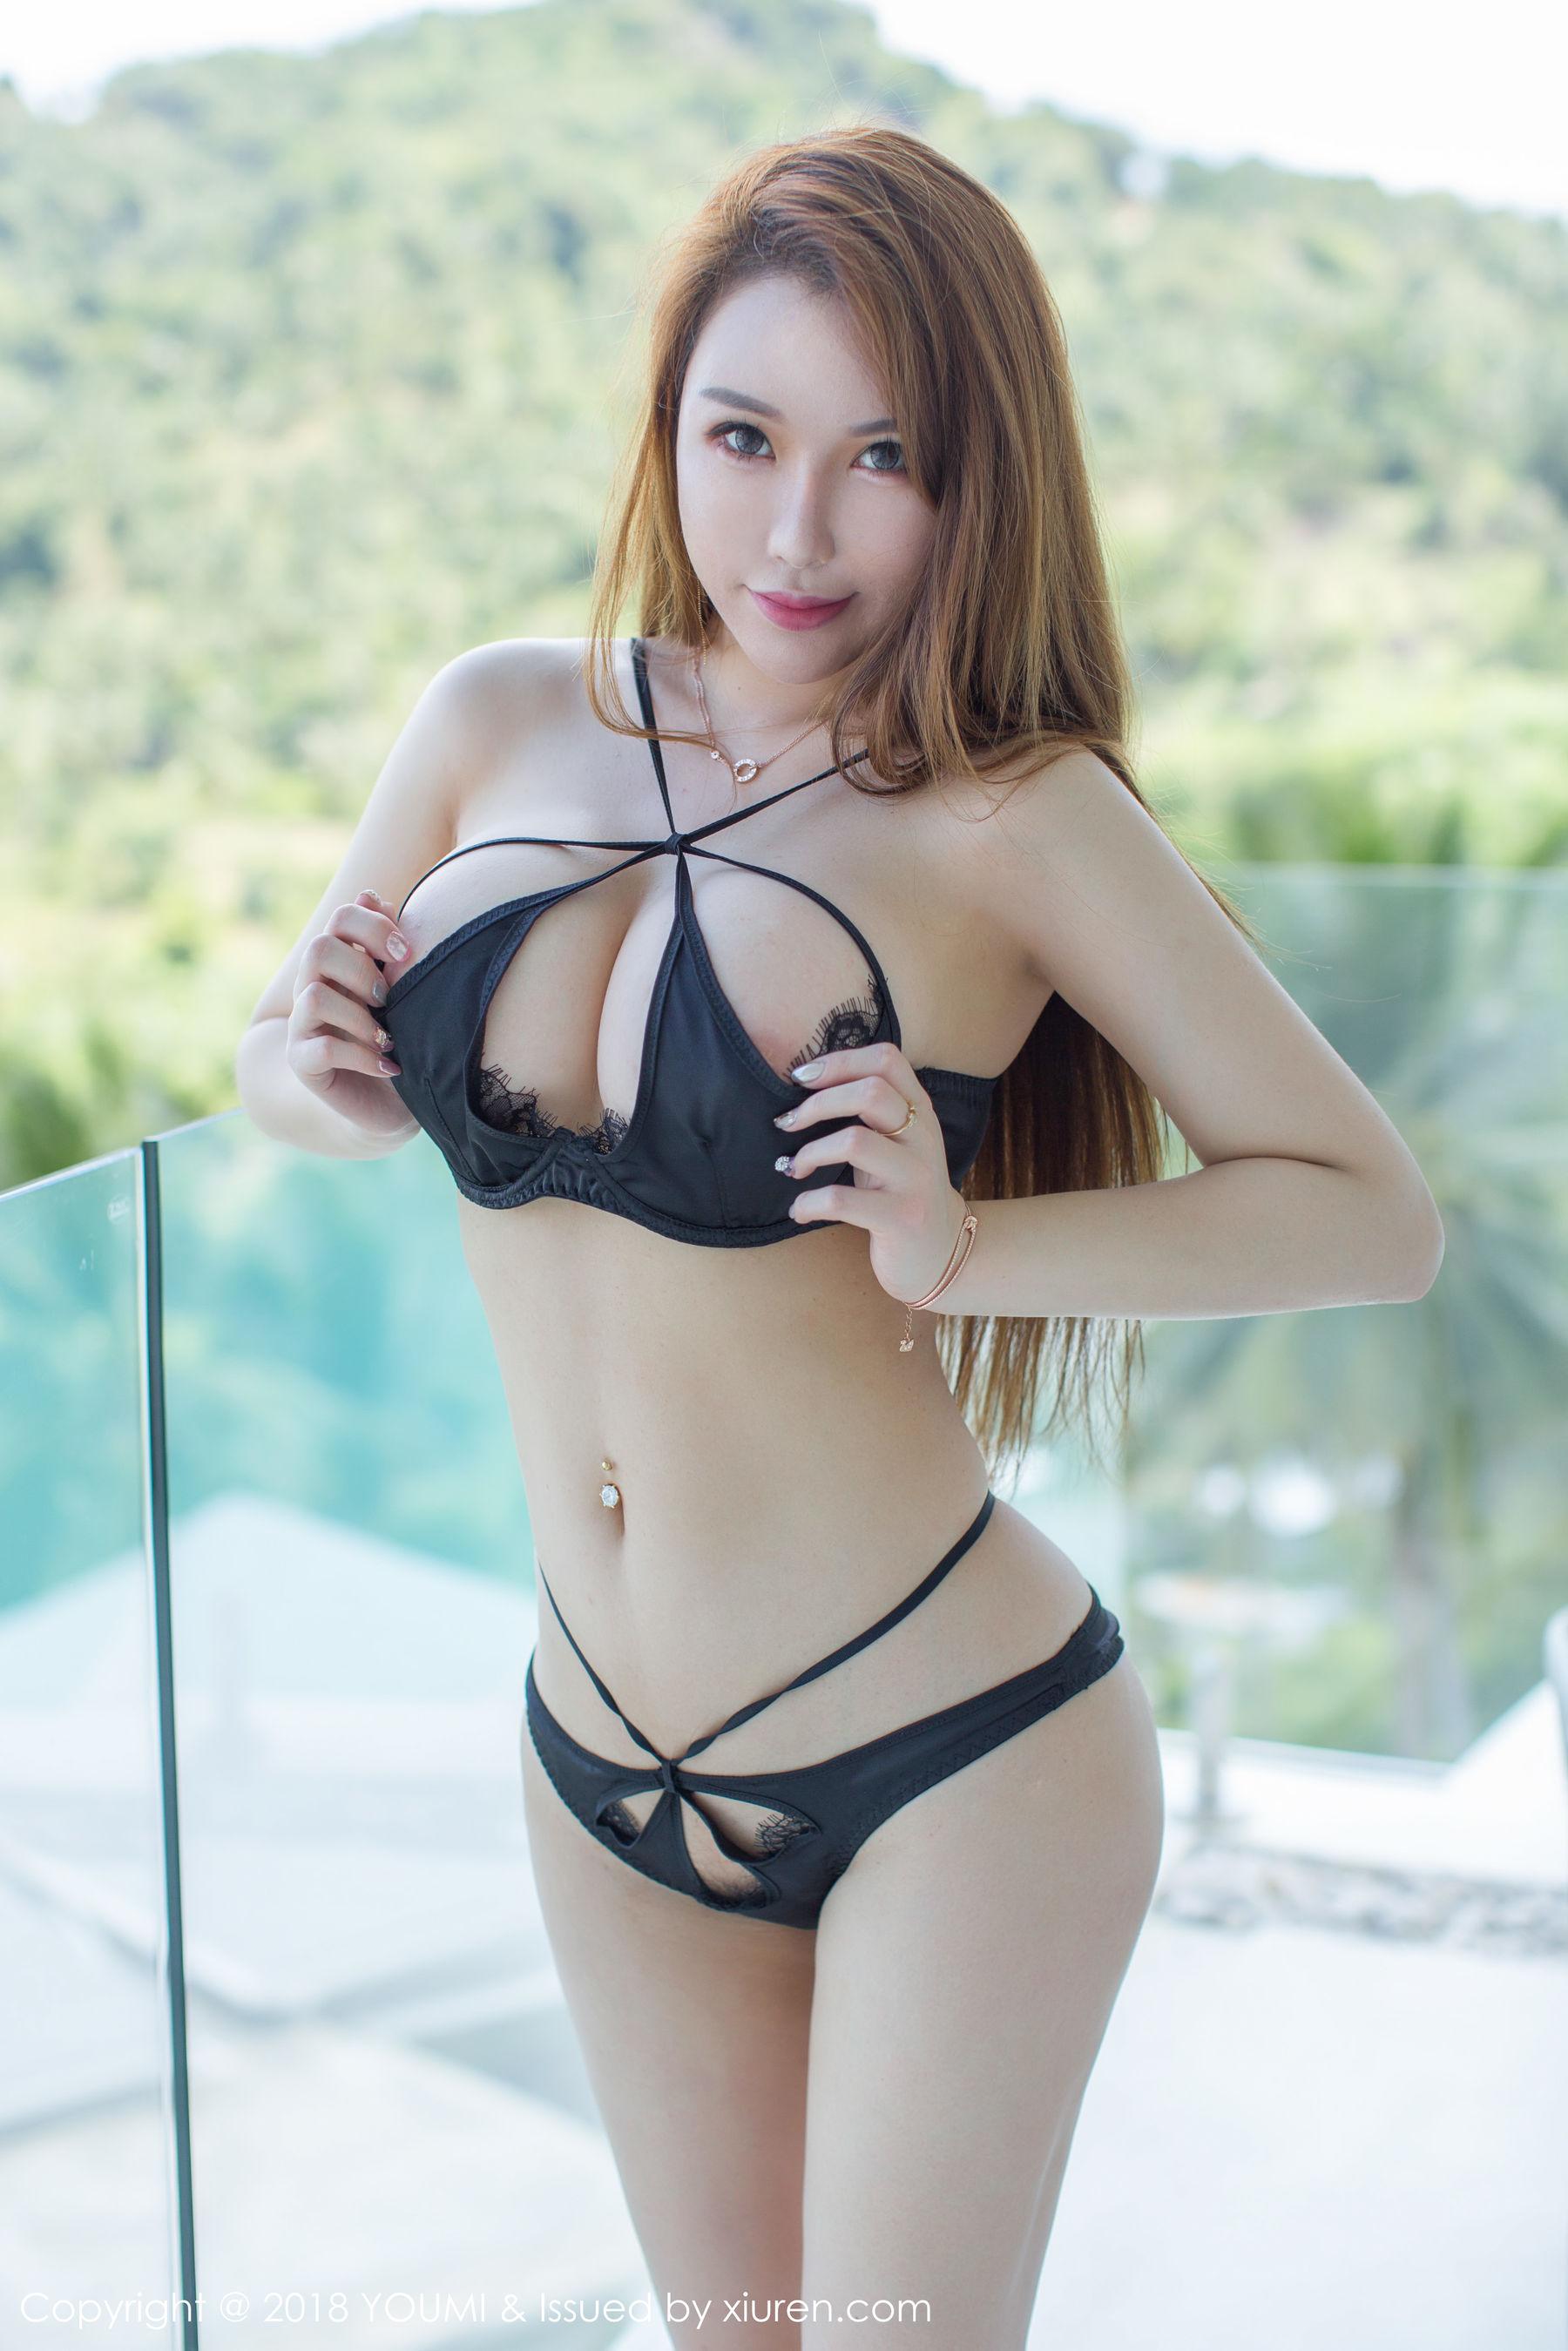 尤妮丝丰胸肥臀的蠢蠢欲动-第7张图片-哔哔娱乐网